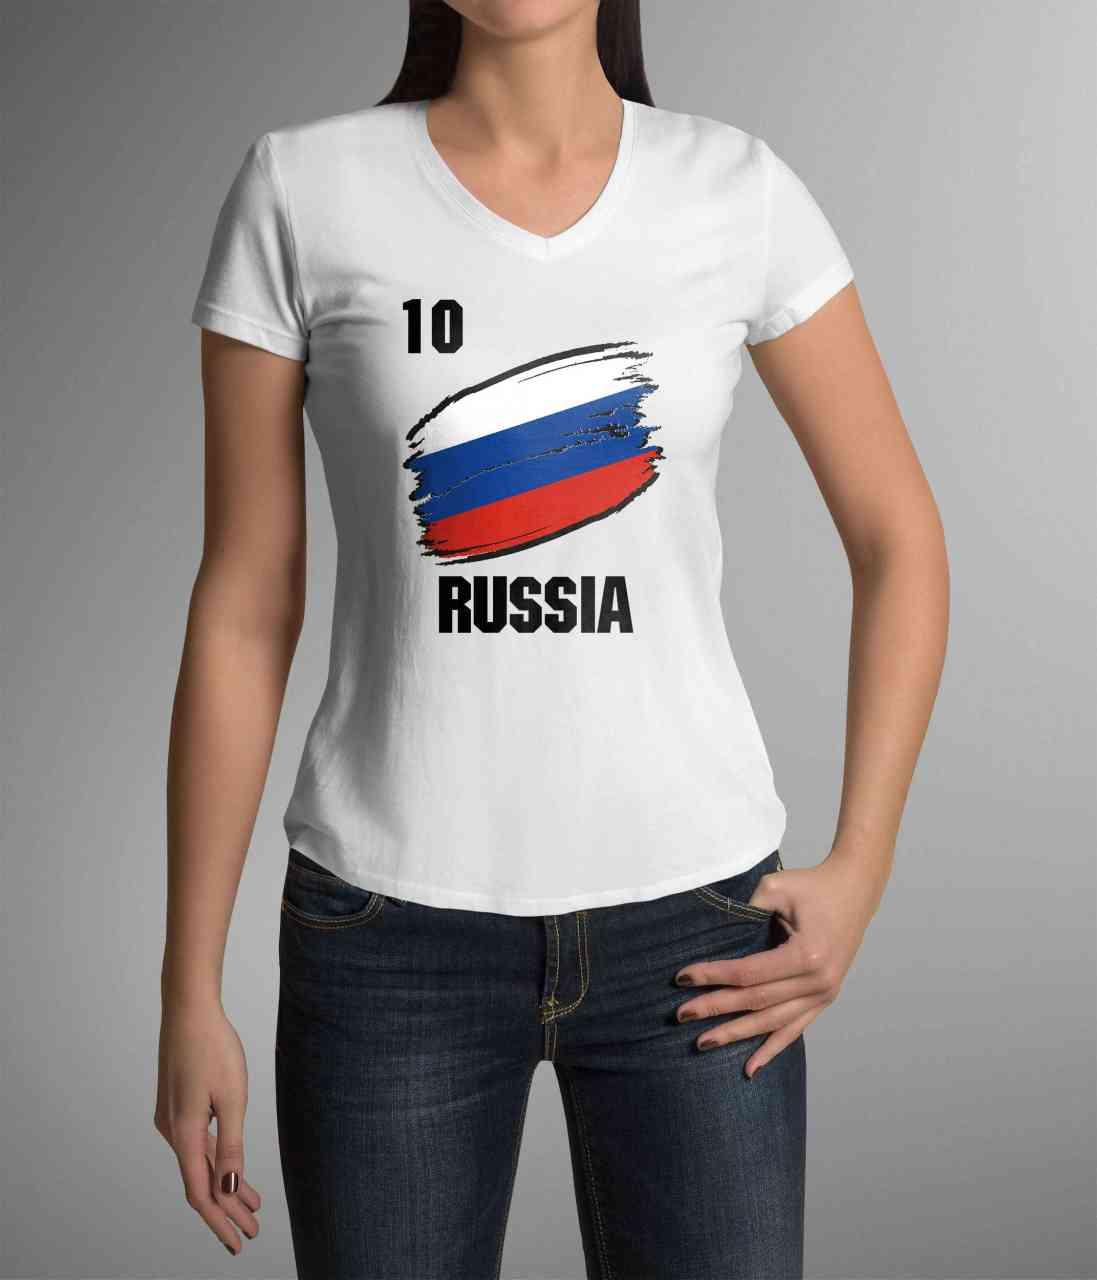 Russia | Russland | Männer oder Frauen Trikot T - Shirt mit Wunsch Nummer + Wunsch Name | WM 2018